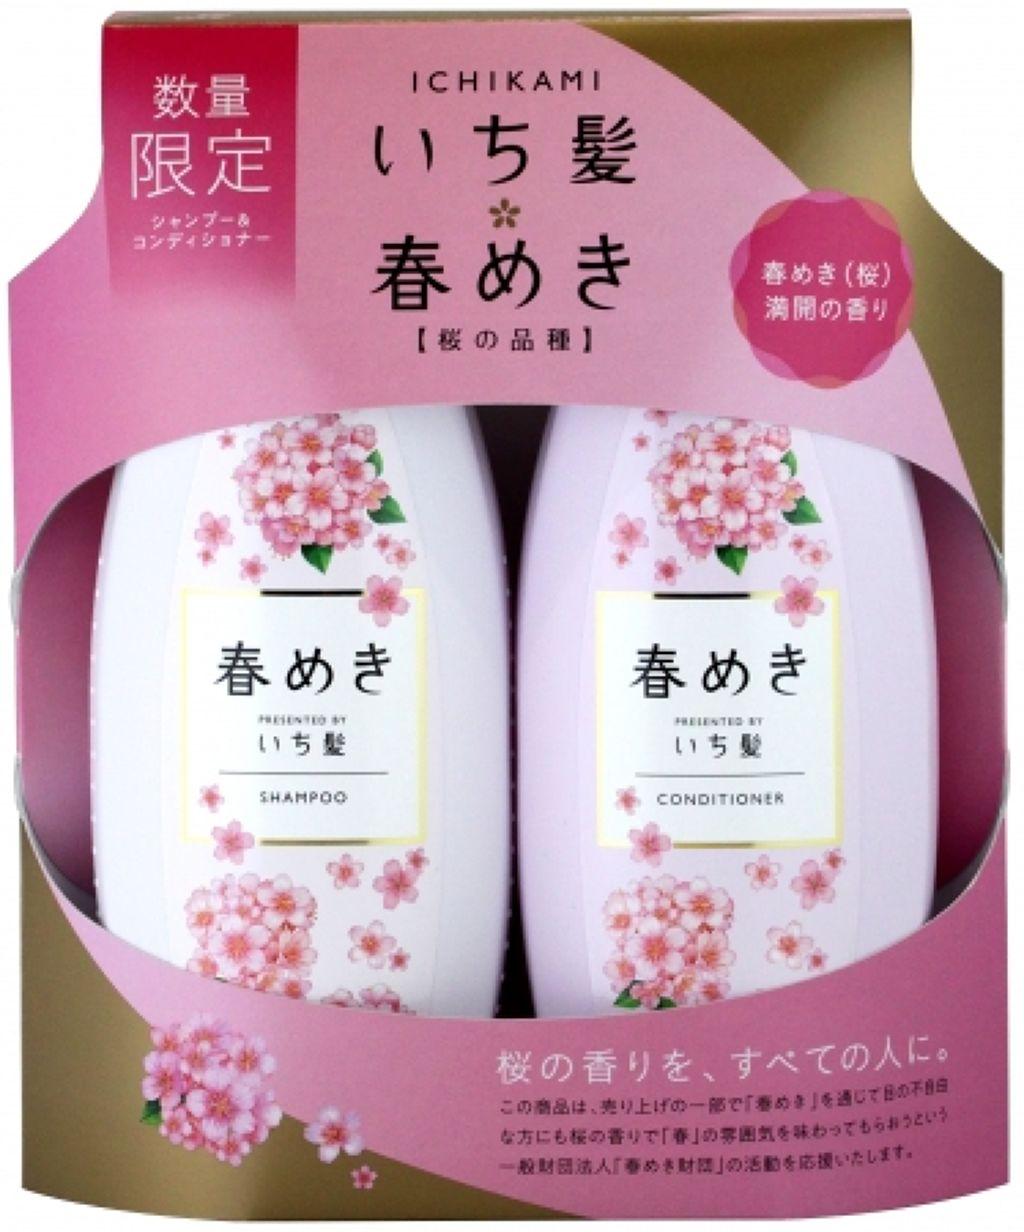 シャンプー/コンディショナー(春めきの香り) いち髪